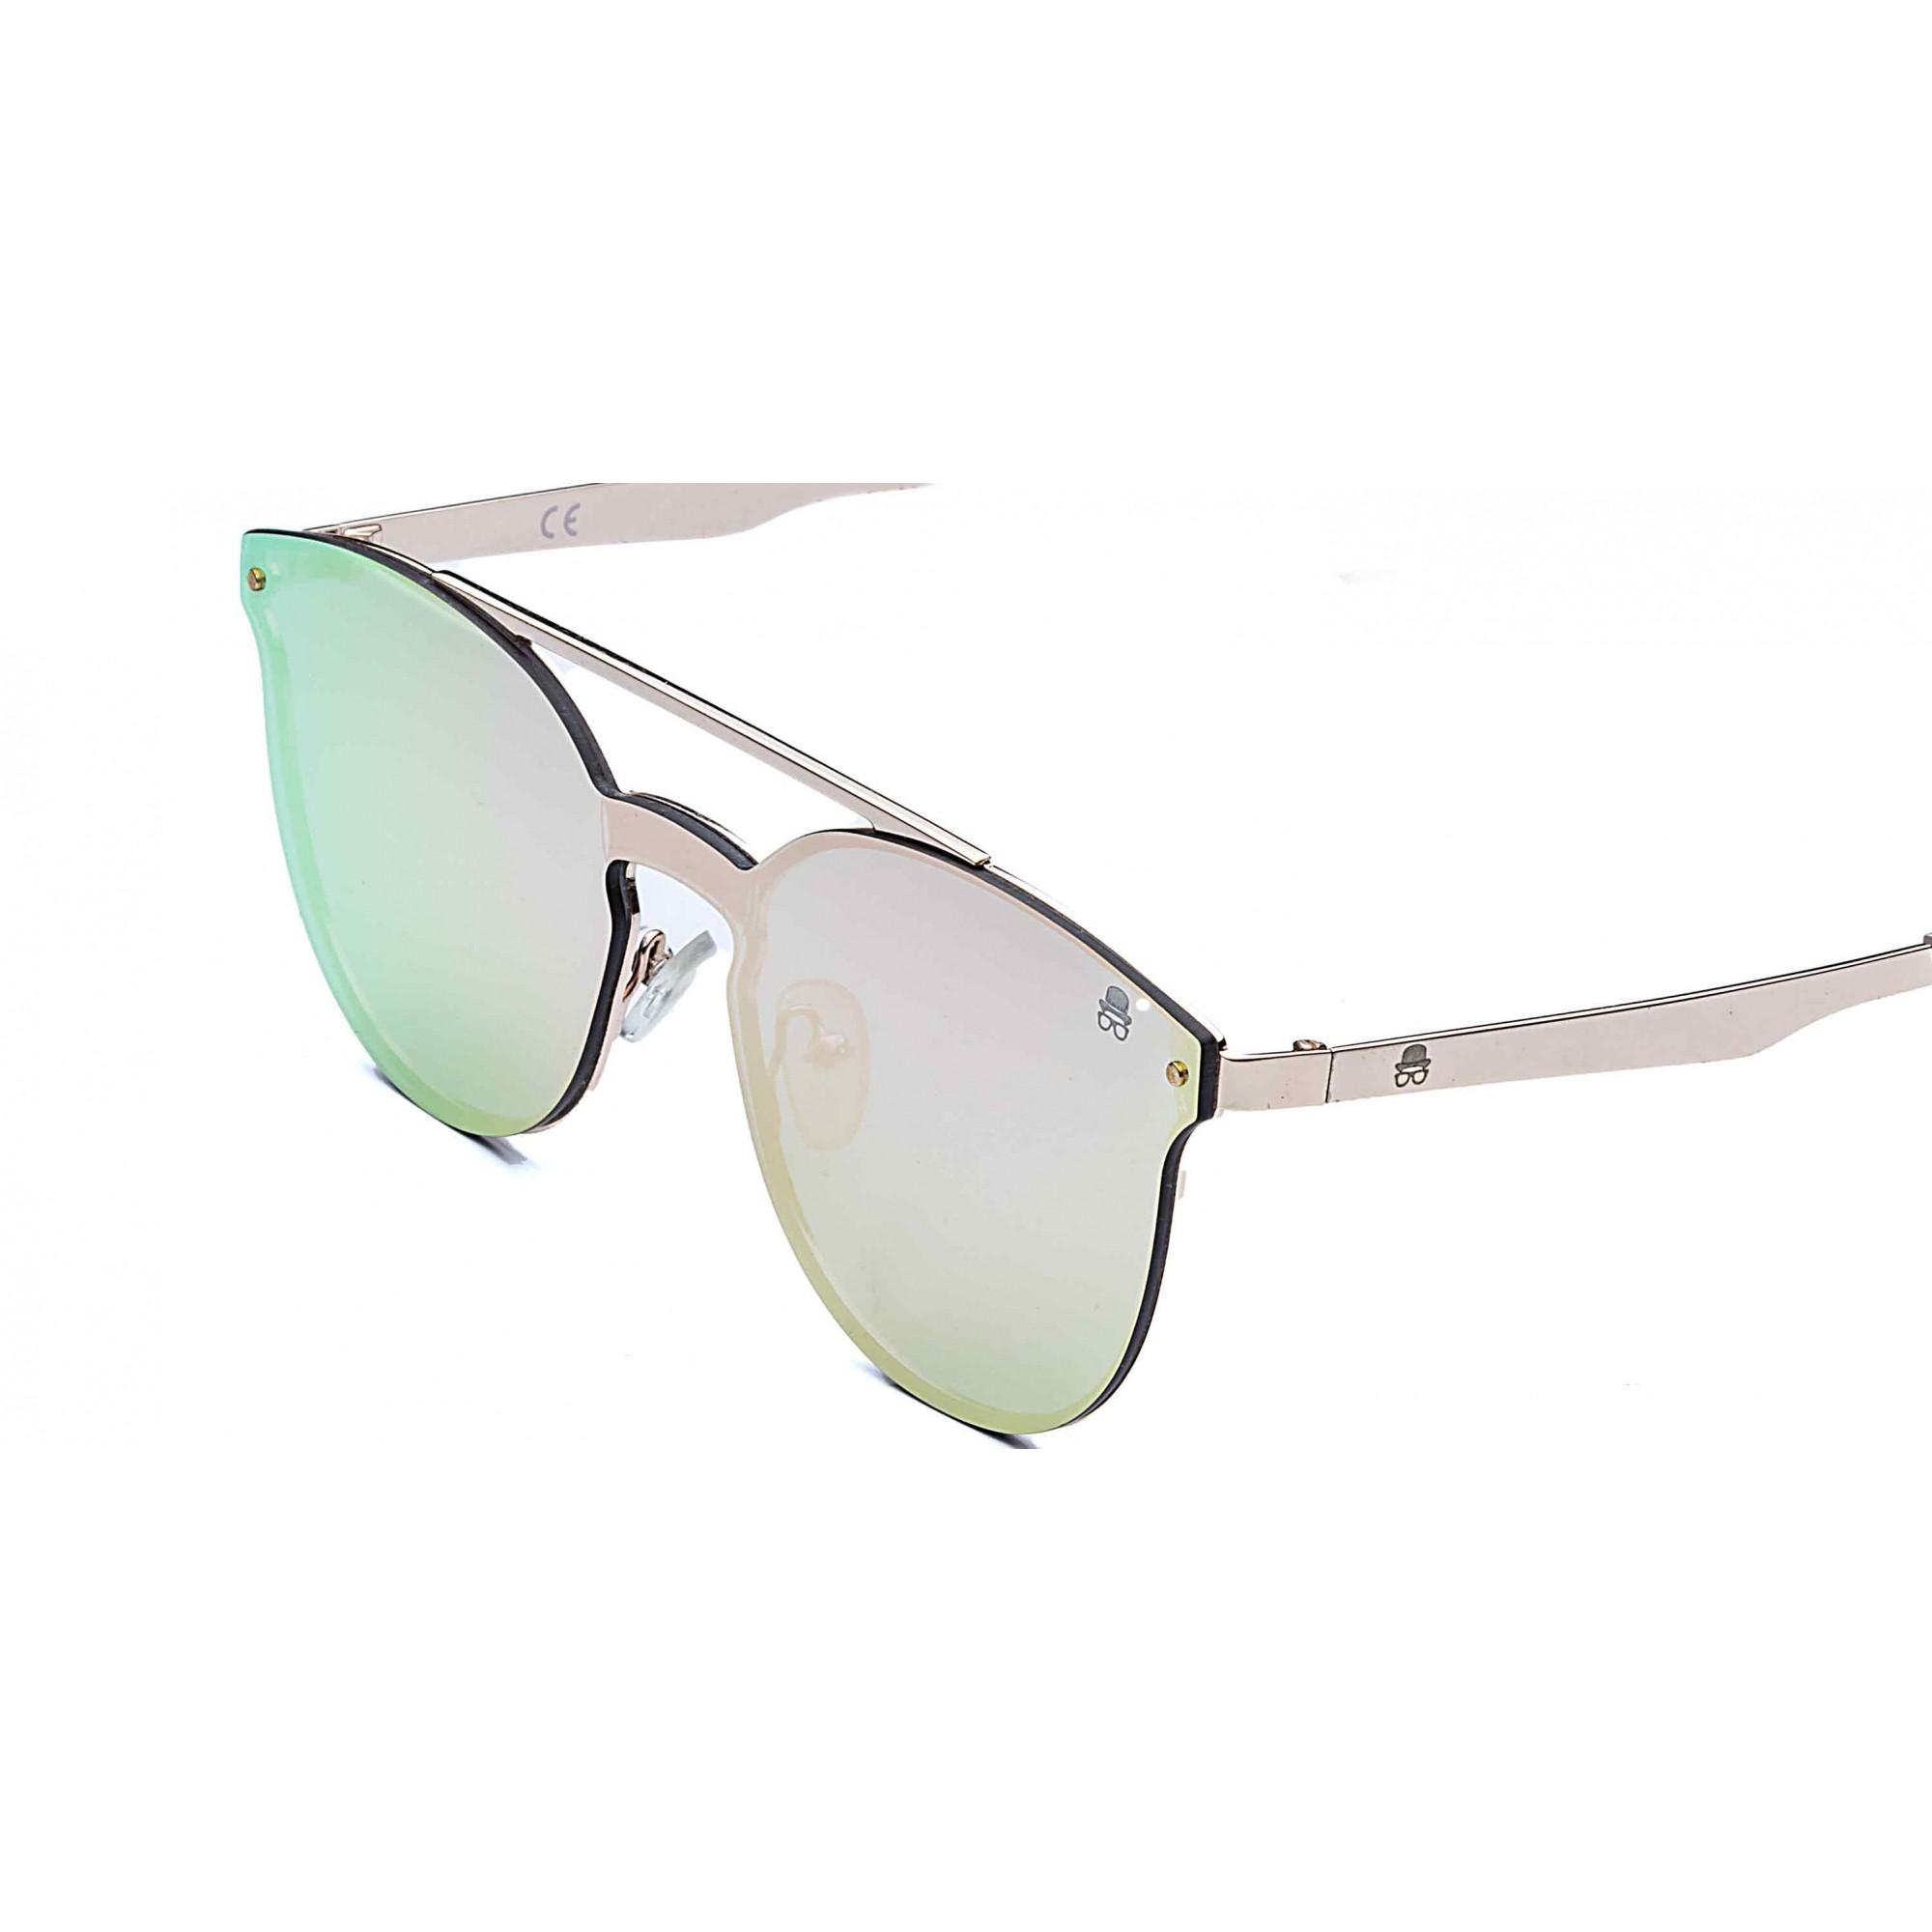 Star - Rafael Lopes Eyewear